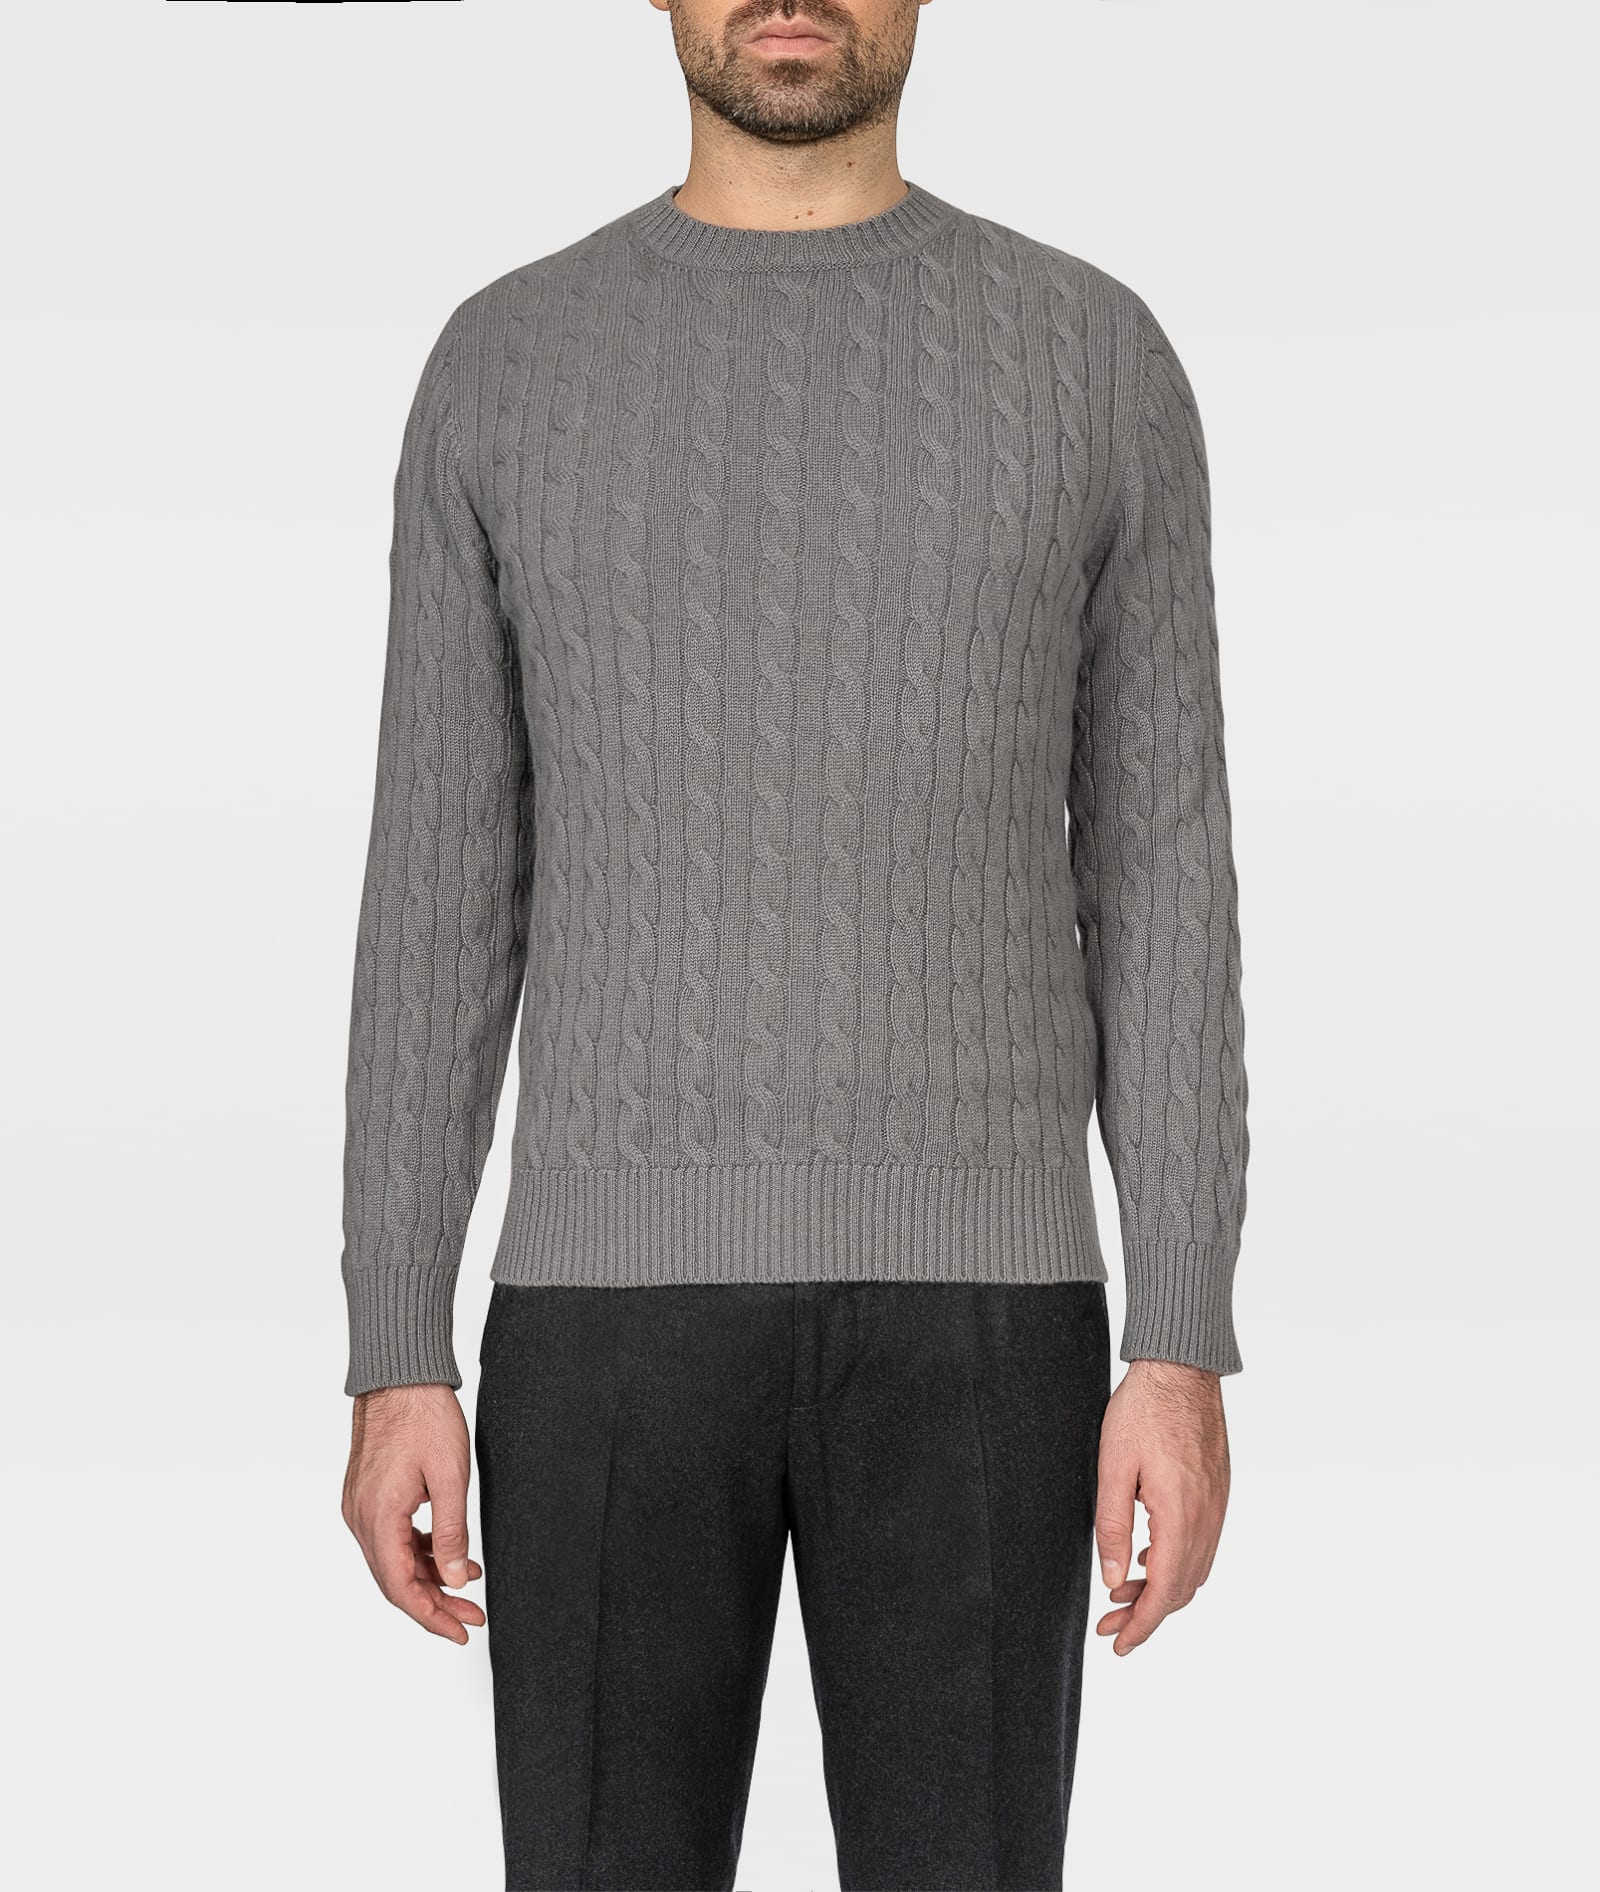 Cashmere Cable Knit Sweater col Du Pillon